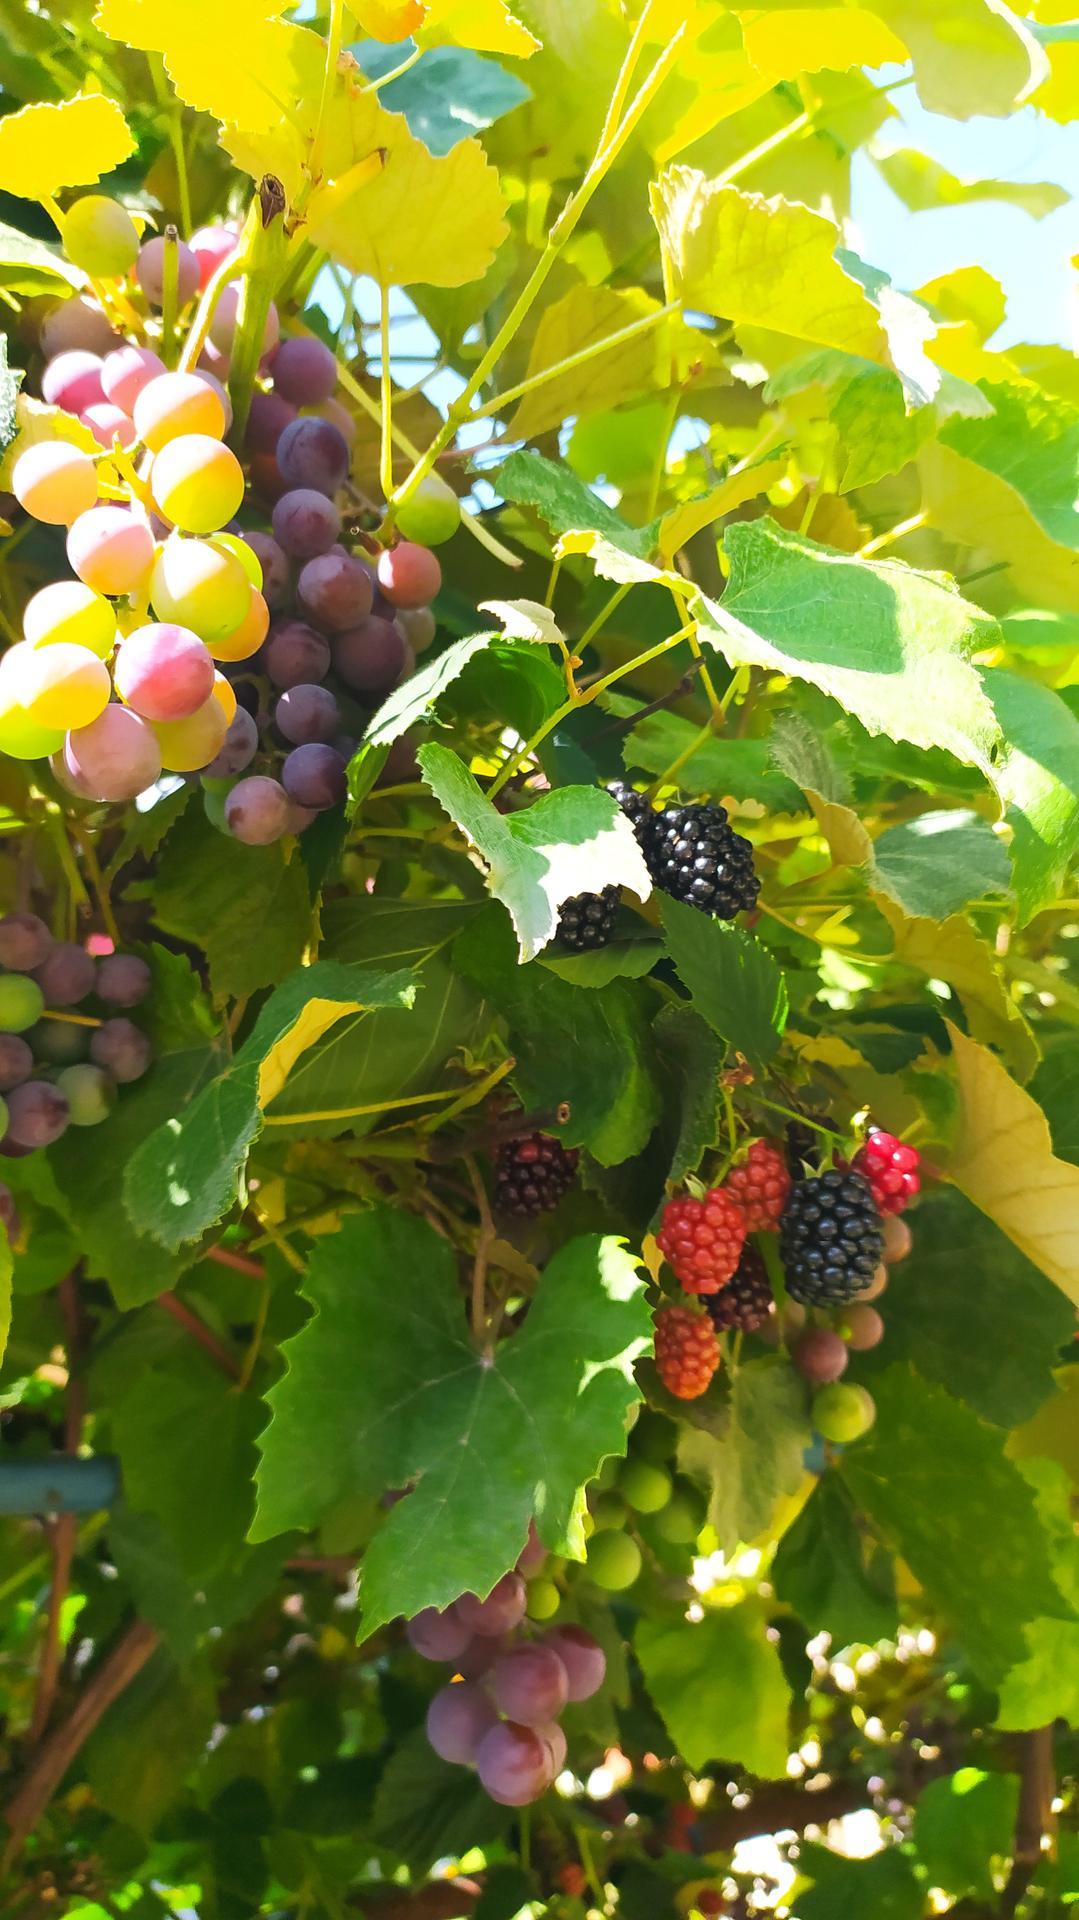 Moja záhradka,moja radosť,relax. - Obrázok č. 3